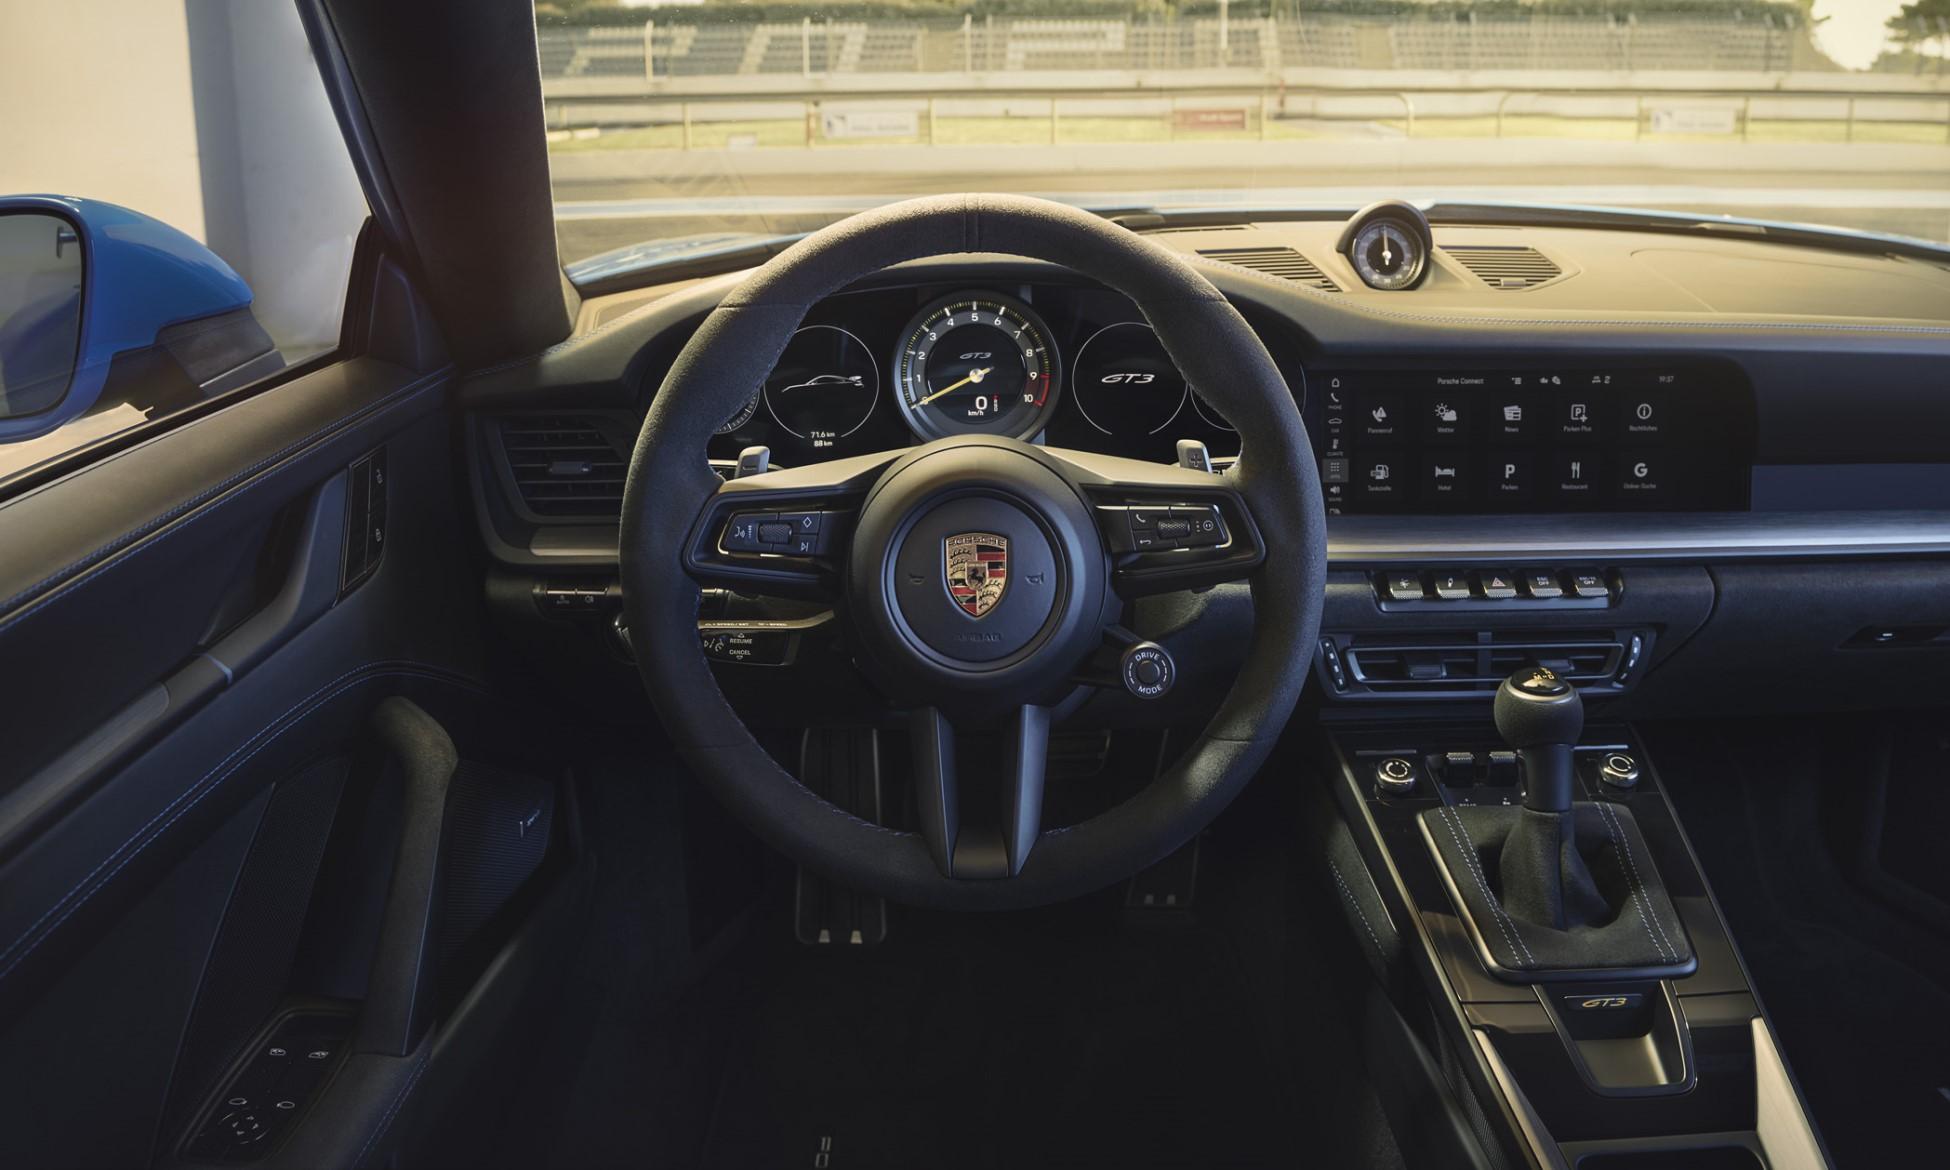 992 Porsche GT3 interior